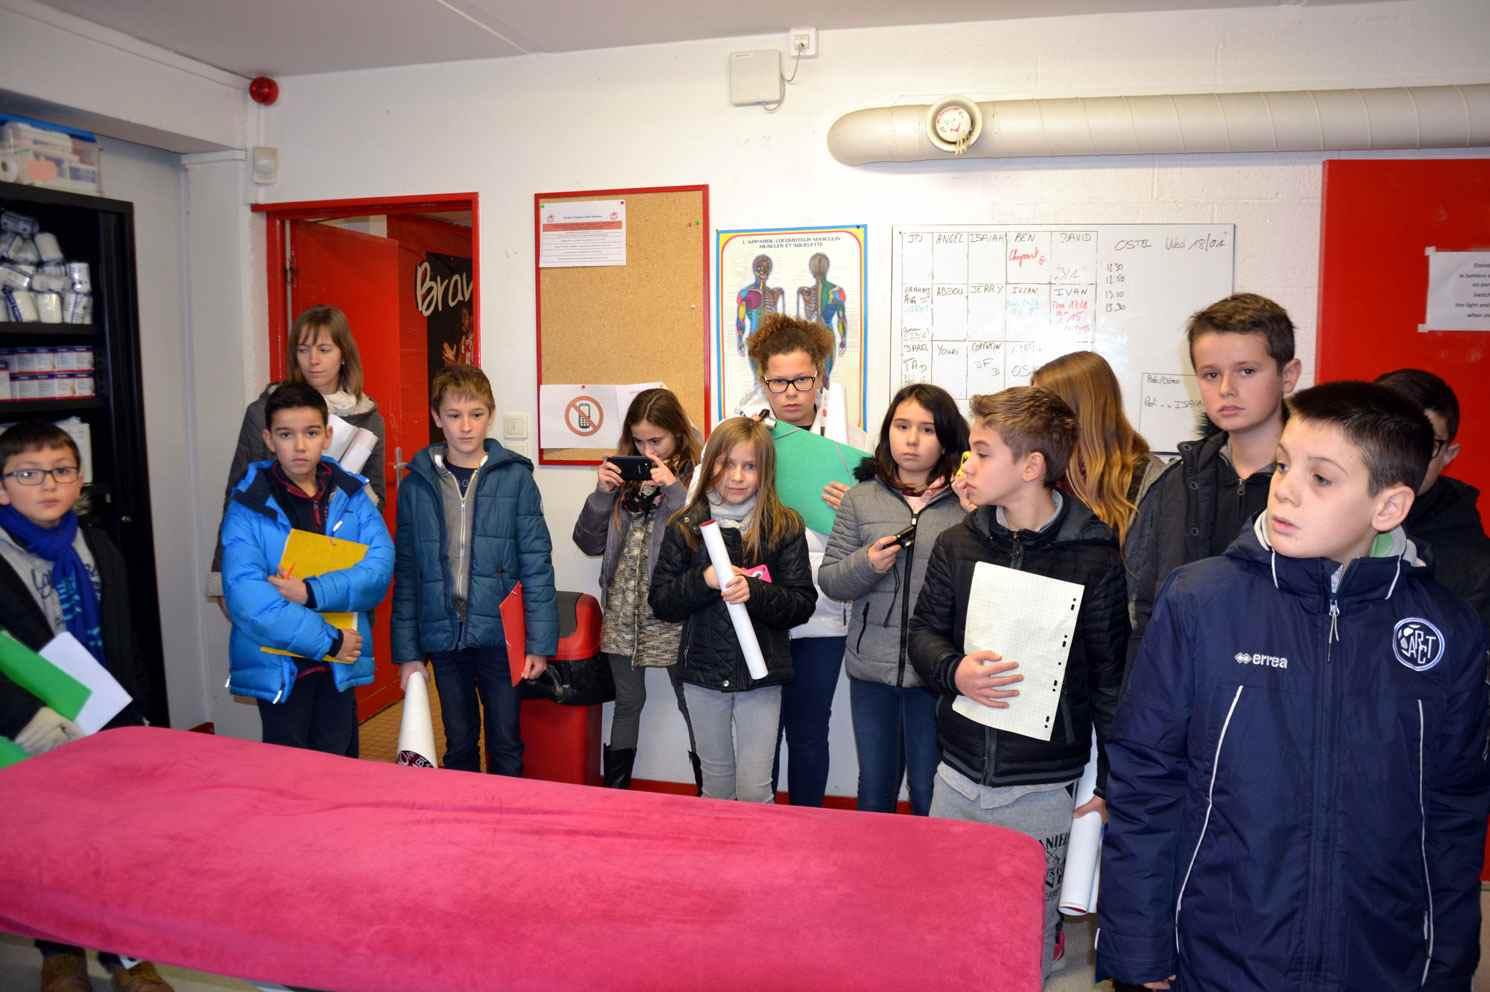 Séance de dédicaces Hotel Mercure Cholet - 02-03-16